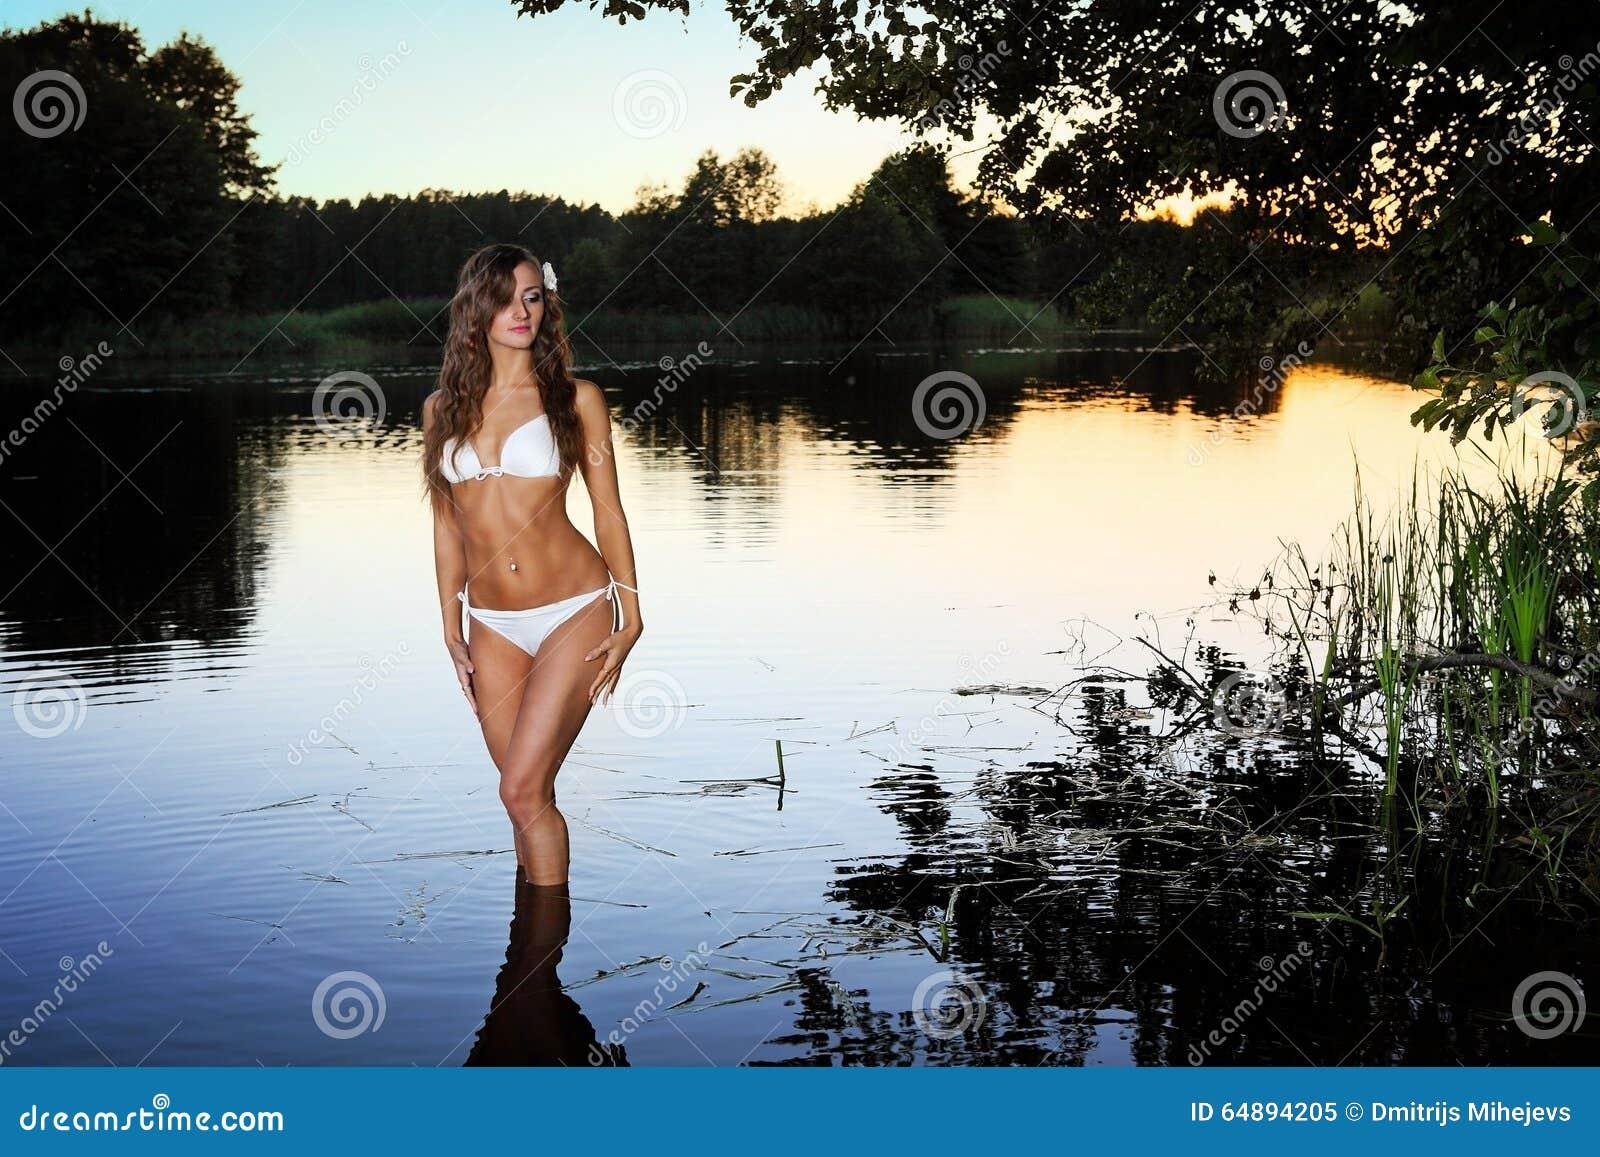 Русские девушки на озерах фото, русские полнометражные порно